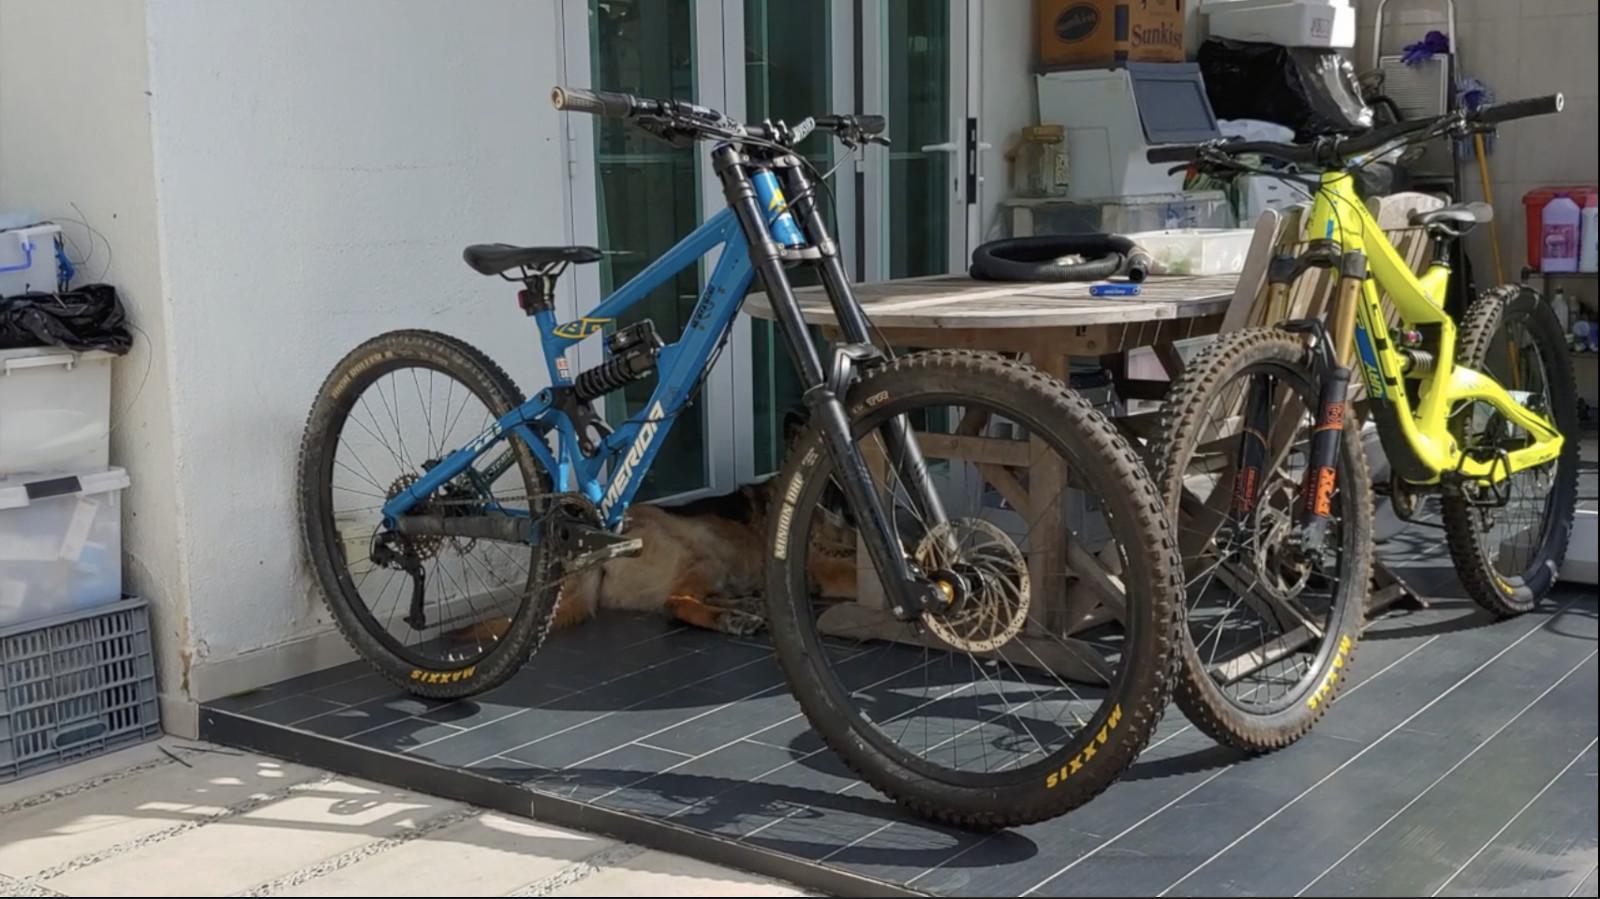 MERIDA ONE-Eighty Downhill bike (ZEROMON Tuning™)